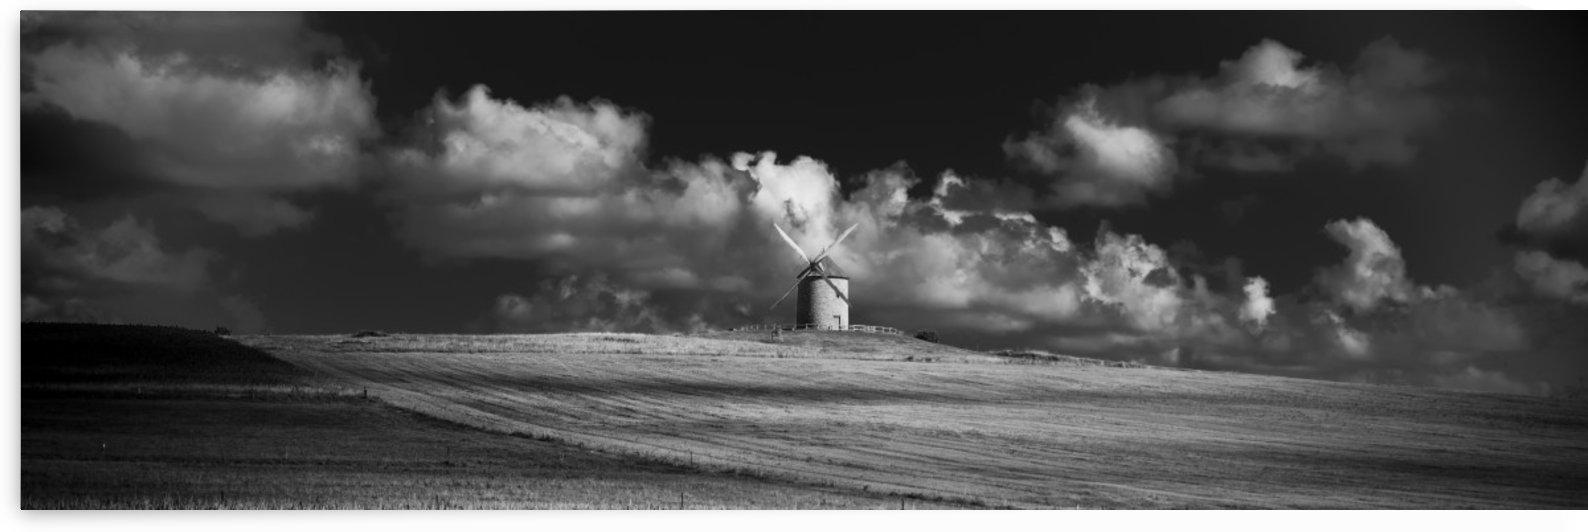 Le moulin by Fabien Dormoy